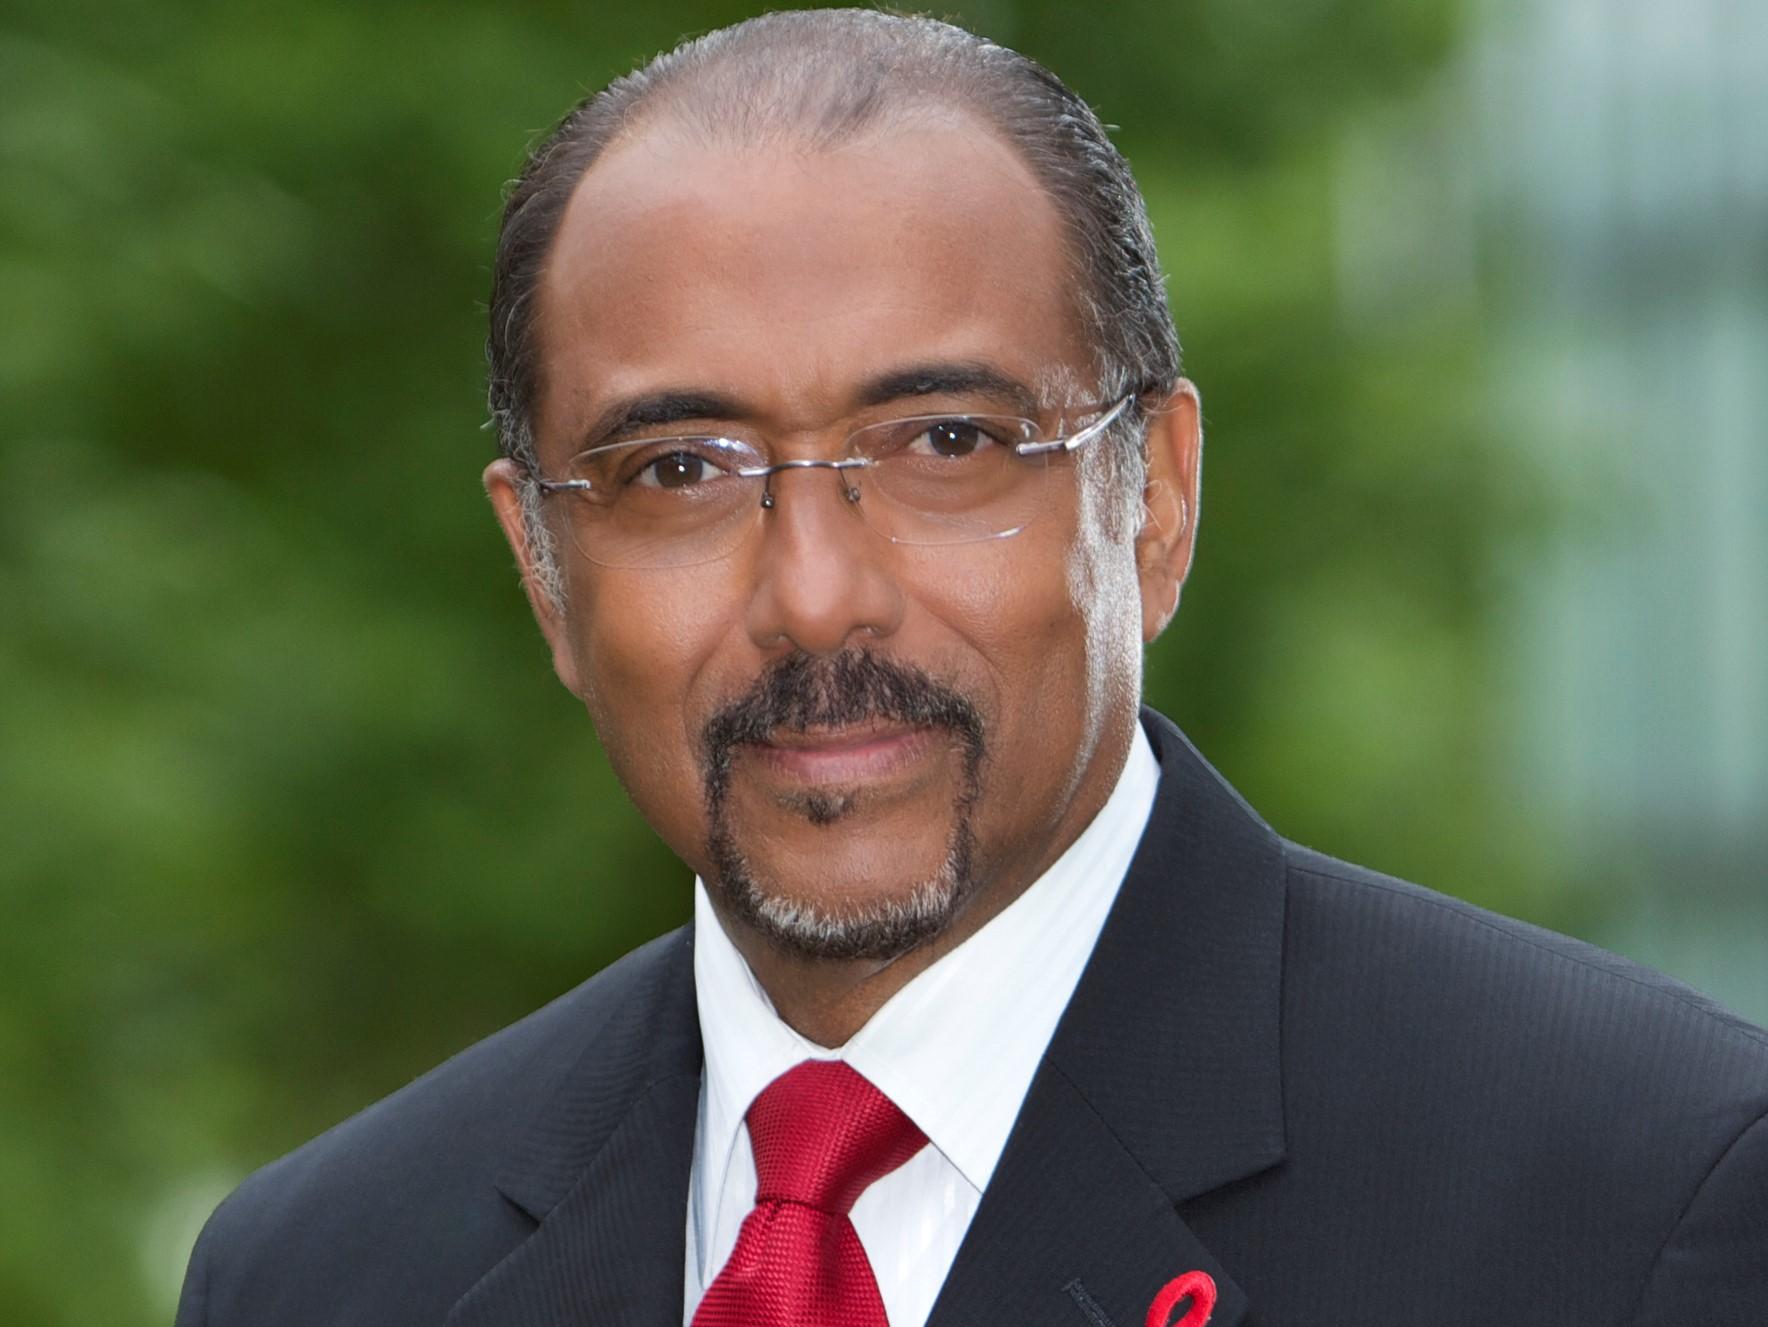 Обращение главы ЮНЭЙДС во Всемирный день борьбы со СПИДом